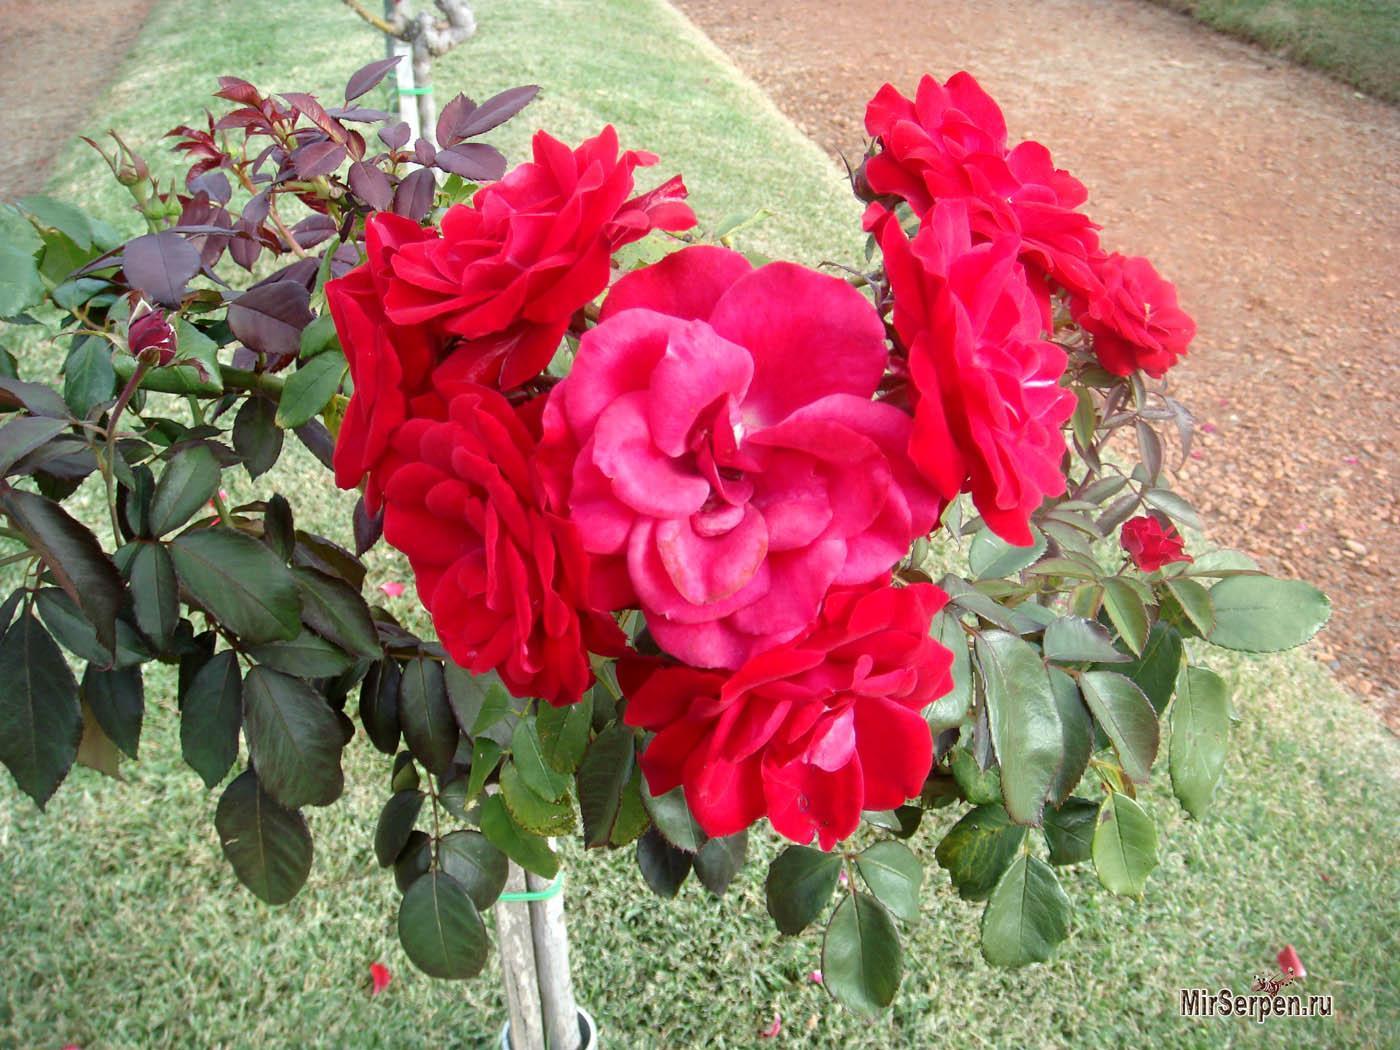 """Парк """"Сад роз"""" в квартале Палермо в Буэнос-Айресе"""